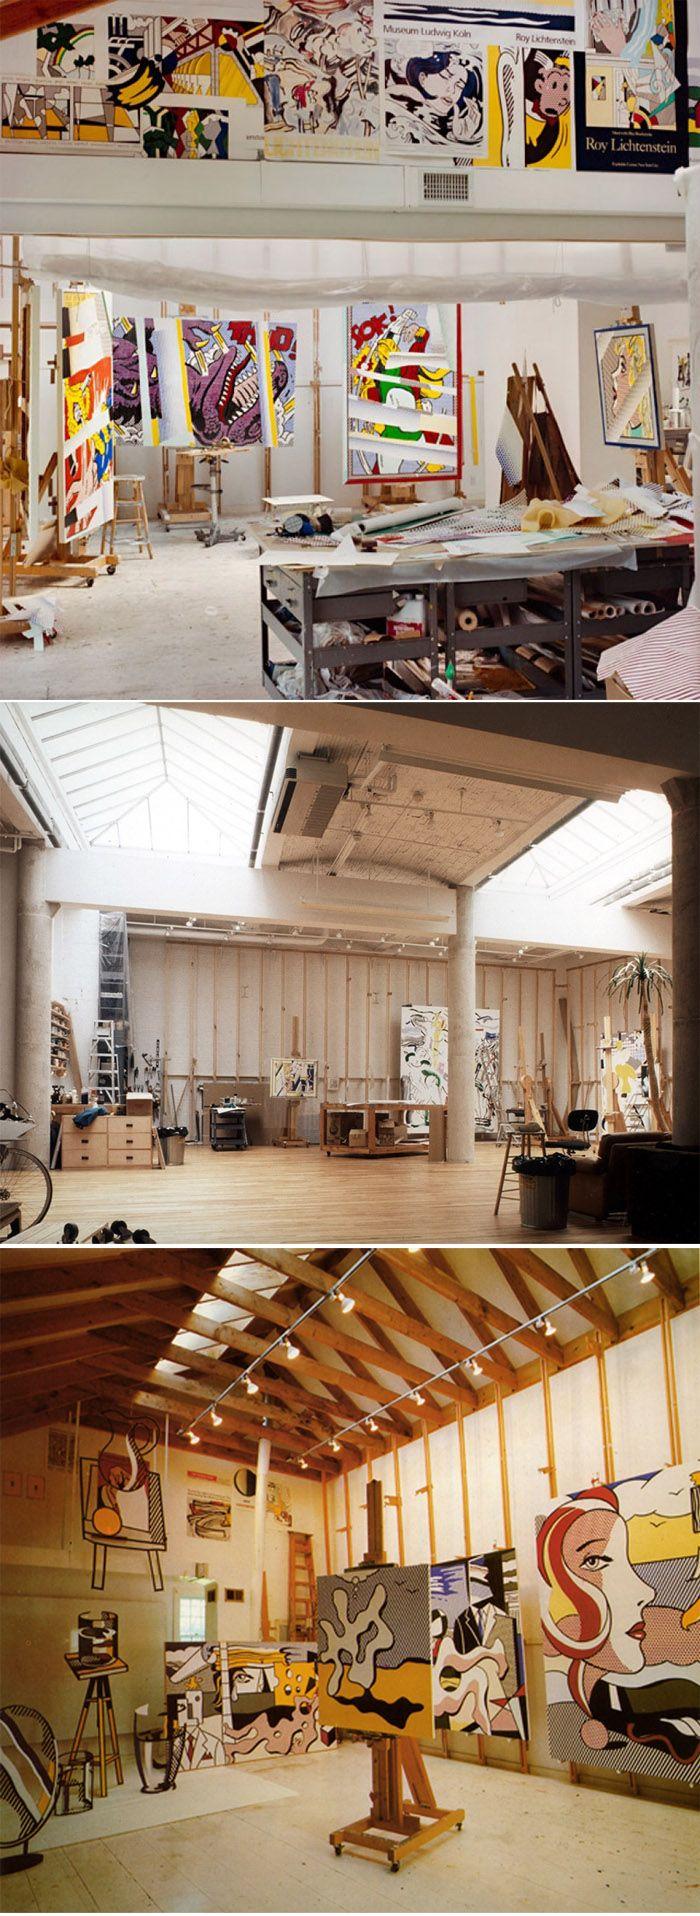 Roy Lichtenstein's Studio